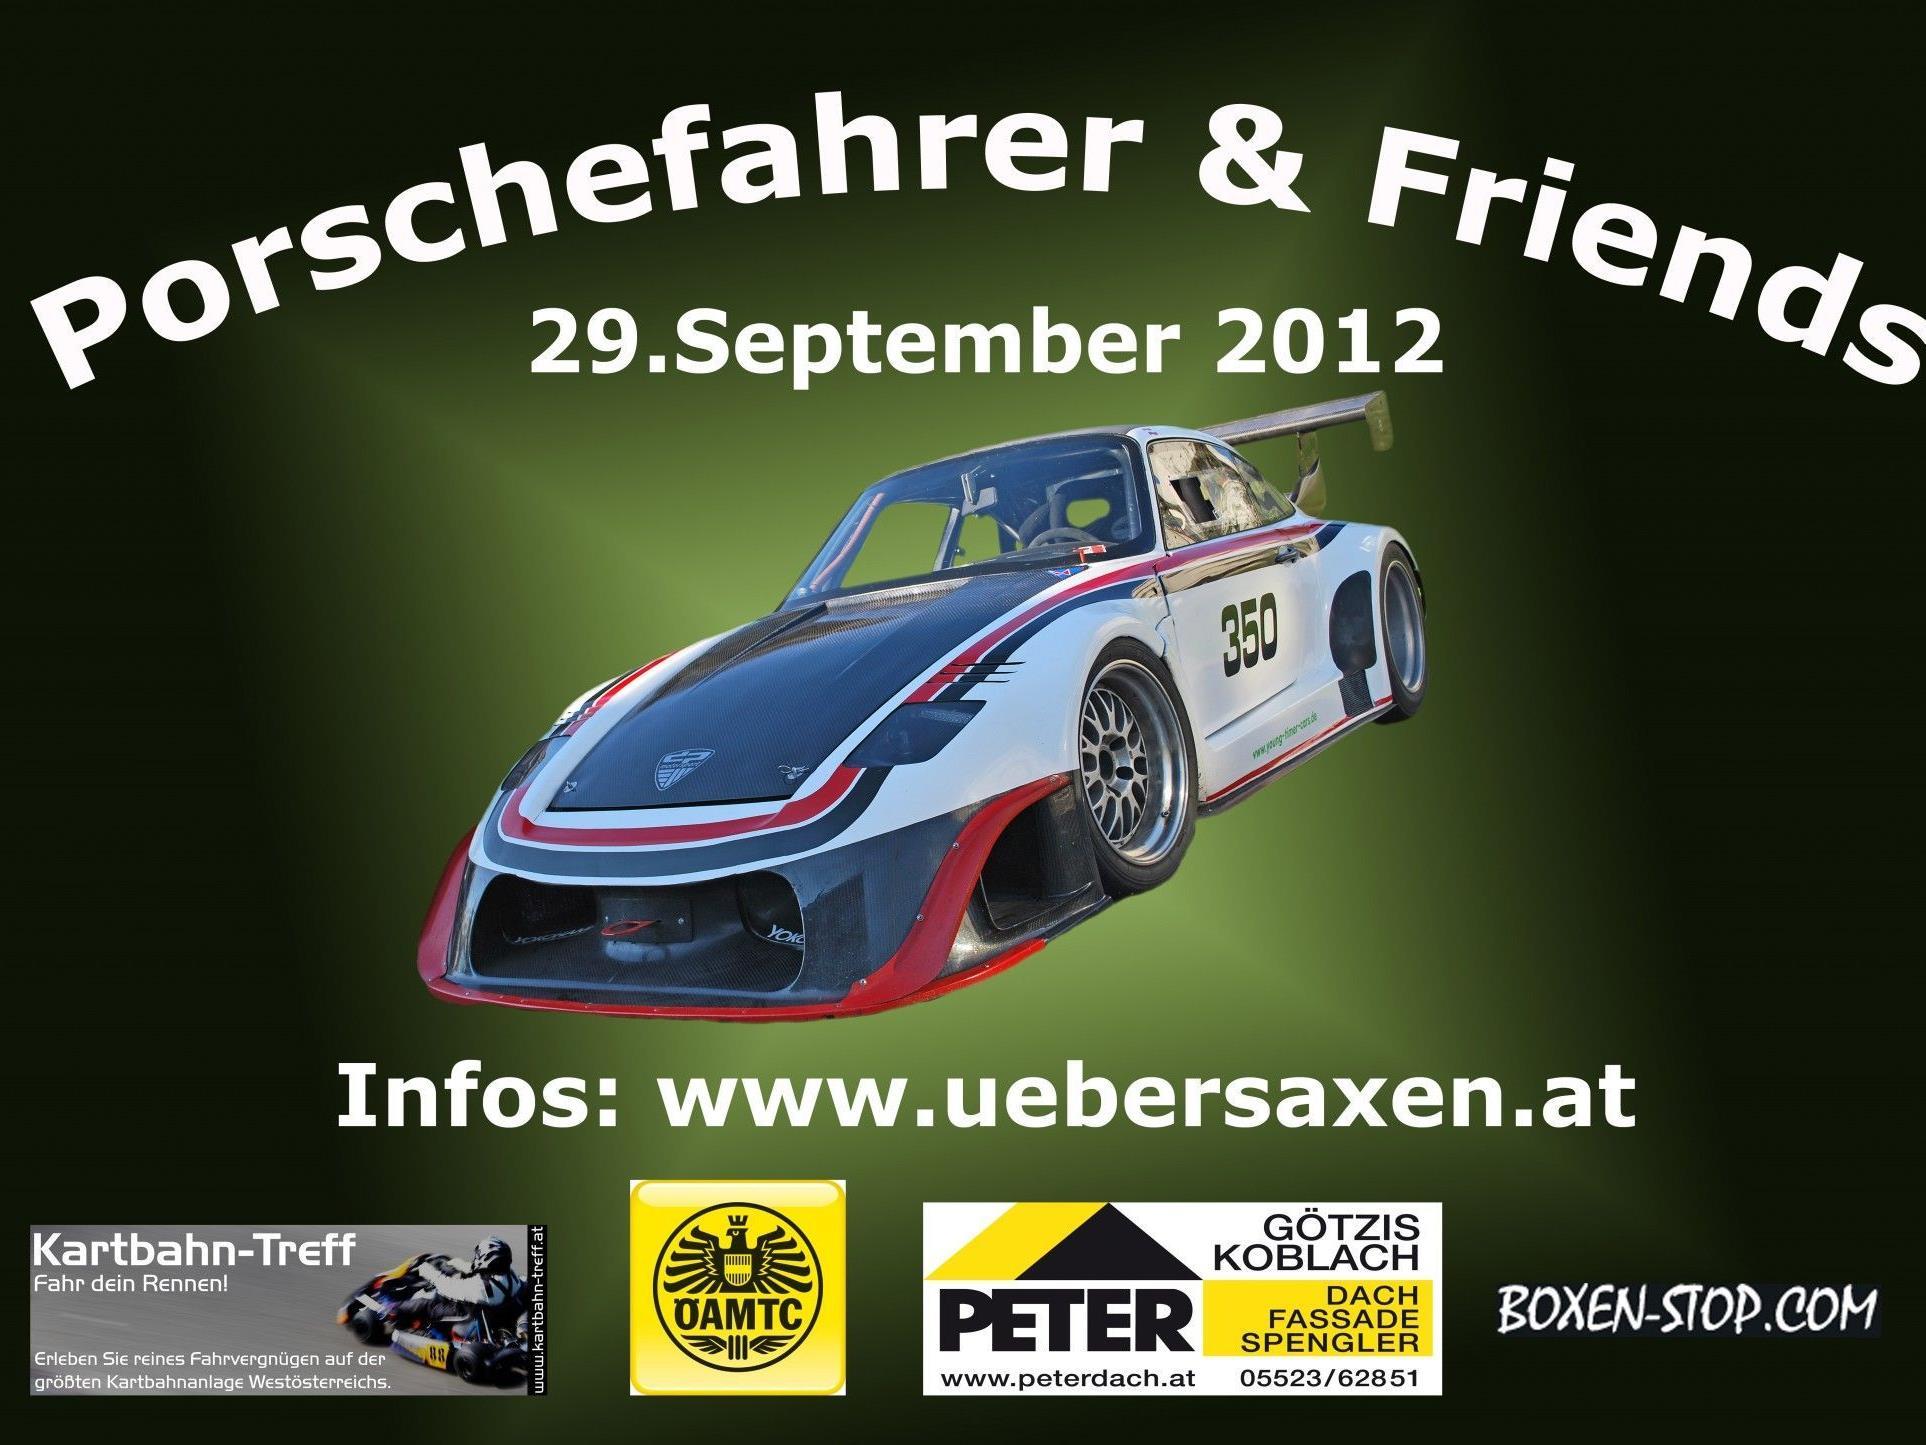 """Historische Rennfahrzeuge bei """"Porsche und Friends"""" am 29. September ab 14 Uhr in Übersaxen"""